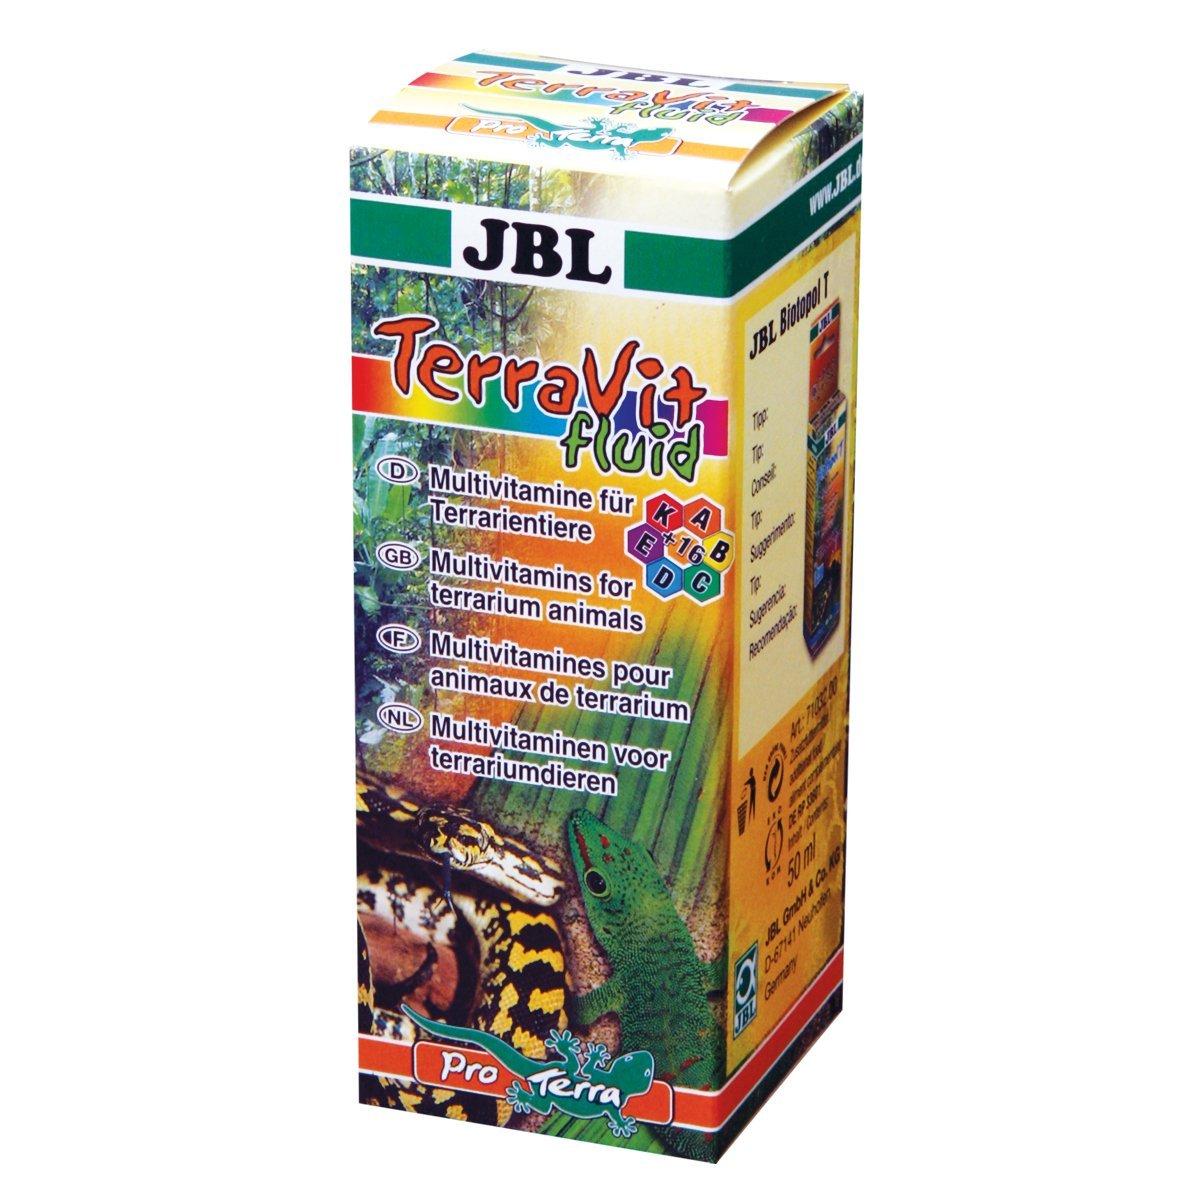 JBL Ergä nzungsfutter fü r Terrarientiere, Vitamine und Spurenelemente, TerraVit 100 ml 7102900